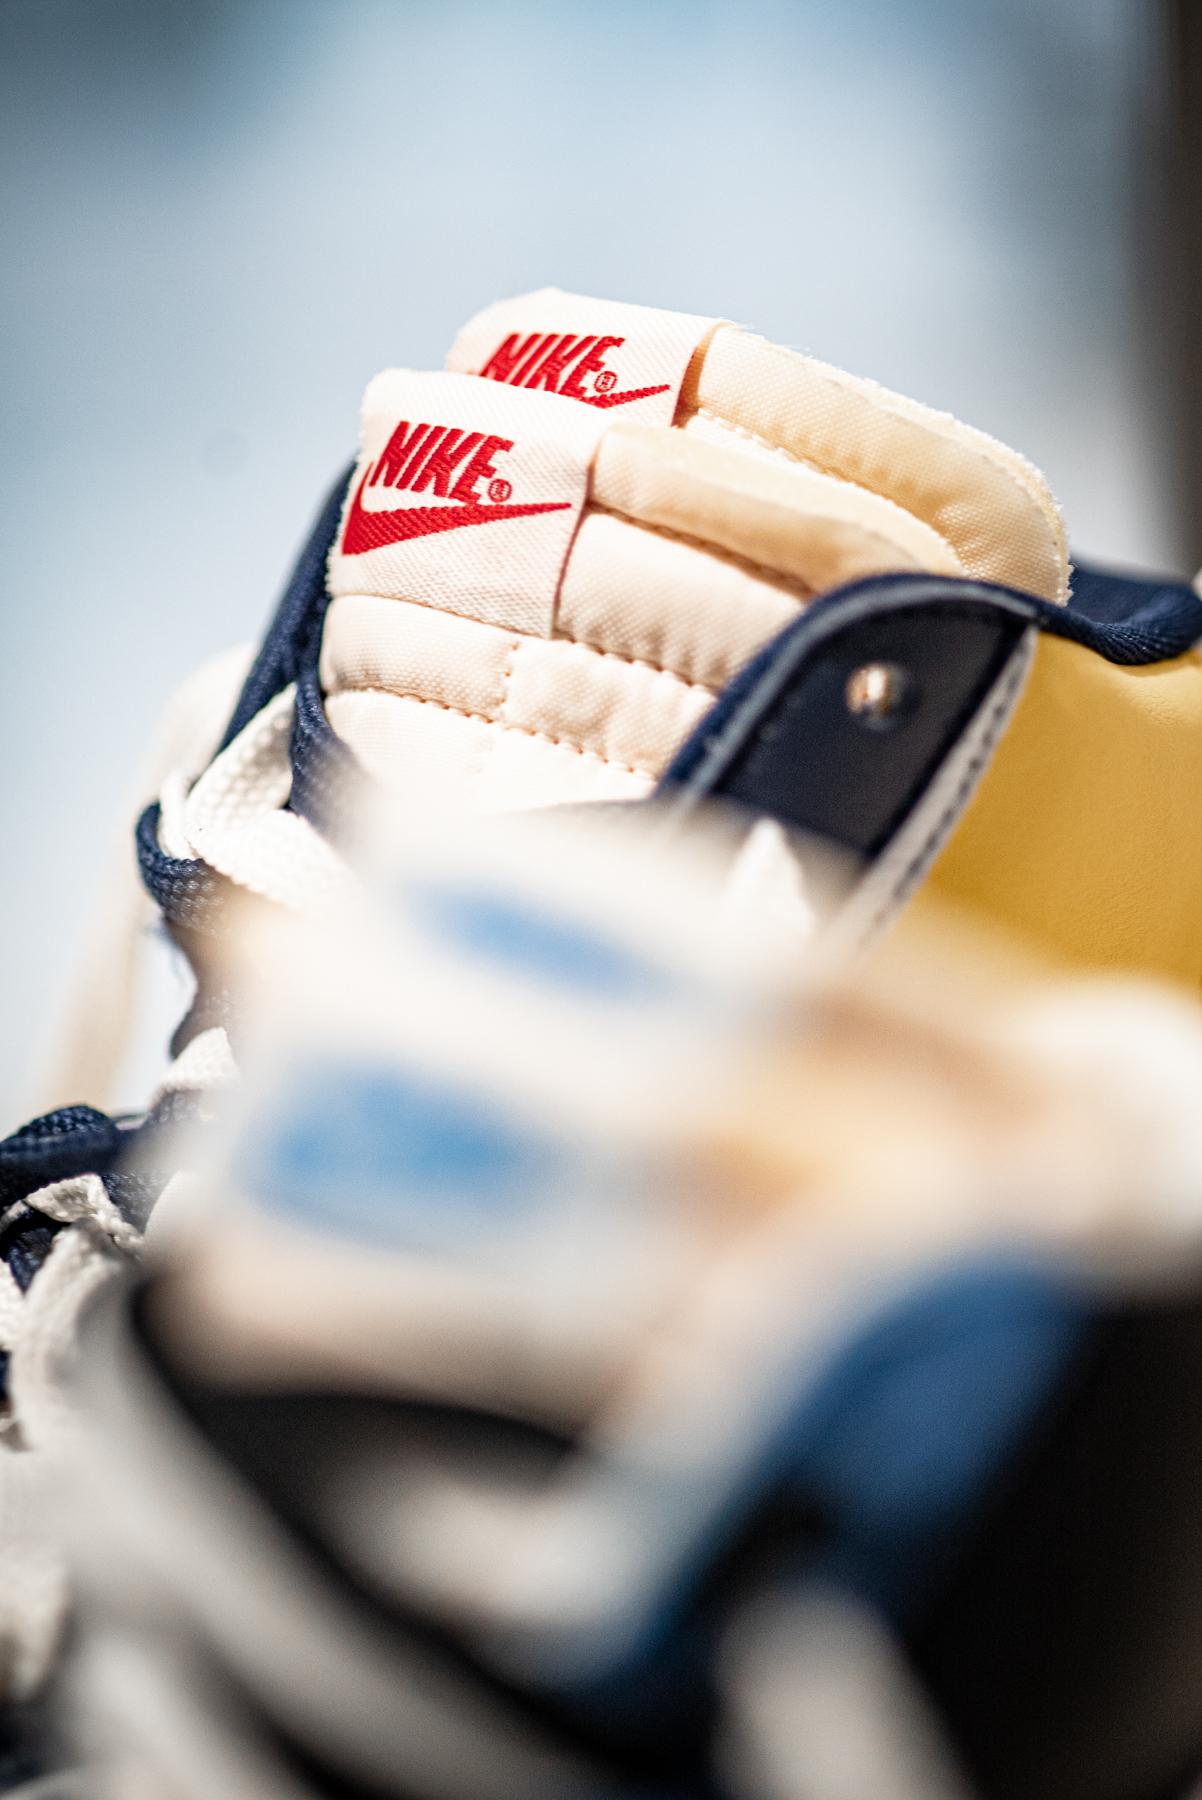 JFENSKE_10113_Satis_Nike_Relab__JTF2755_low_01.jpg